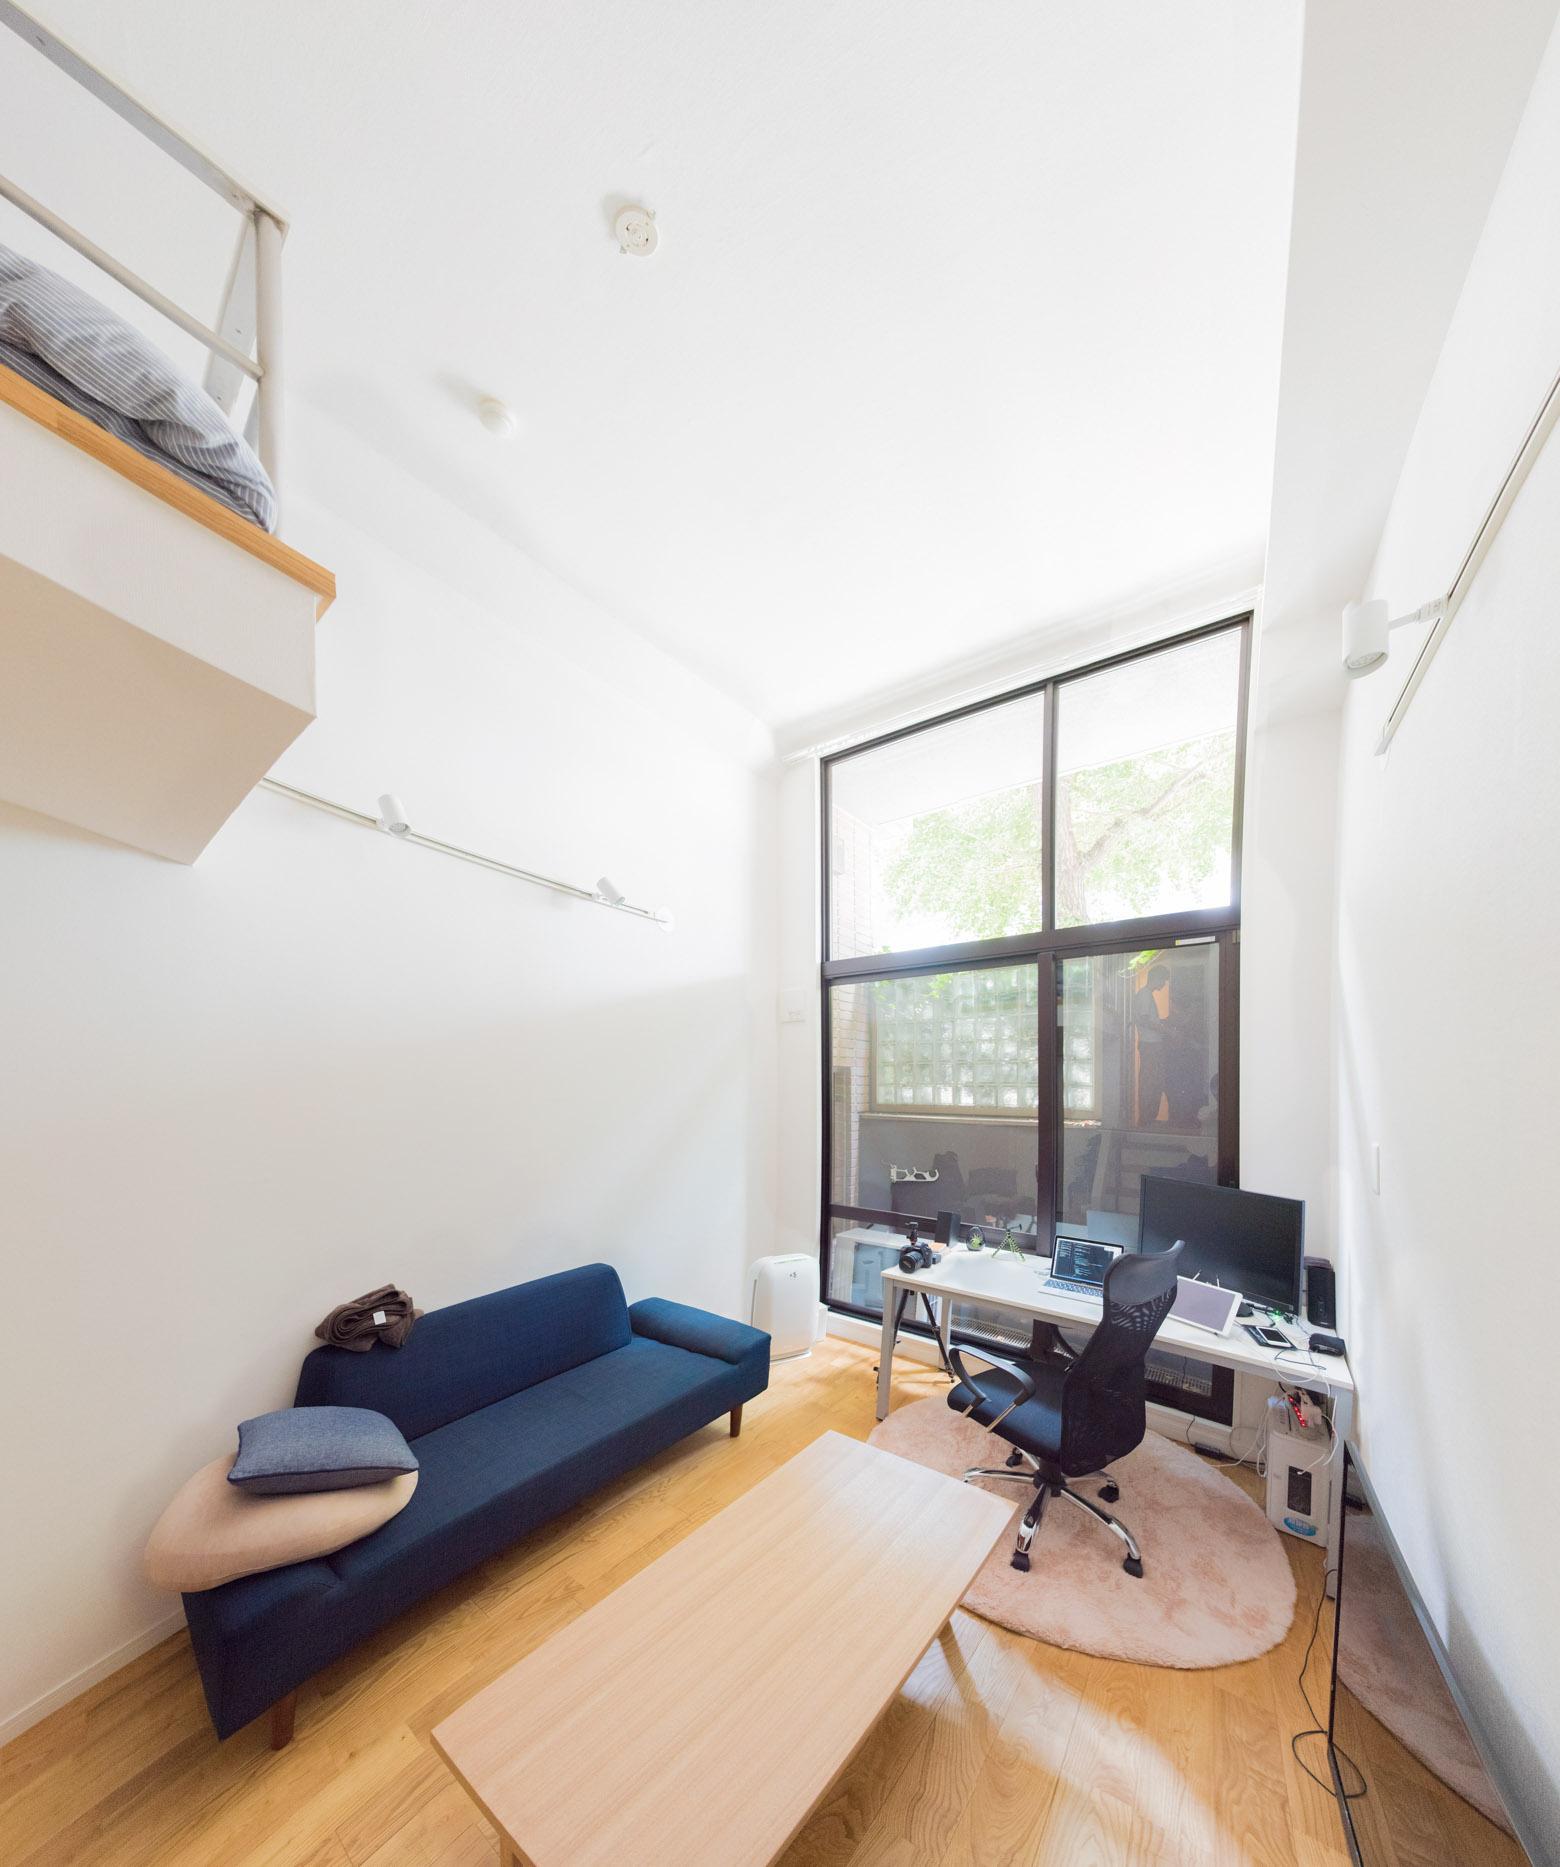 玄関からキッチンなどを通り抜けて、数段階段を下がった空間が居室。下1/3は半地下ということになるが、一面がすべて窓で天井が高いのでとても明るい「眩しいぐらいですよ」と中村さん。